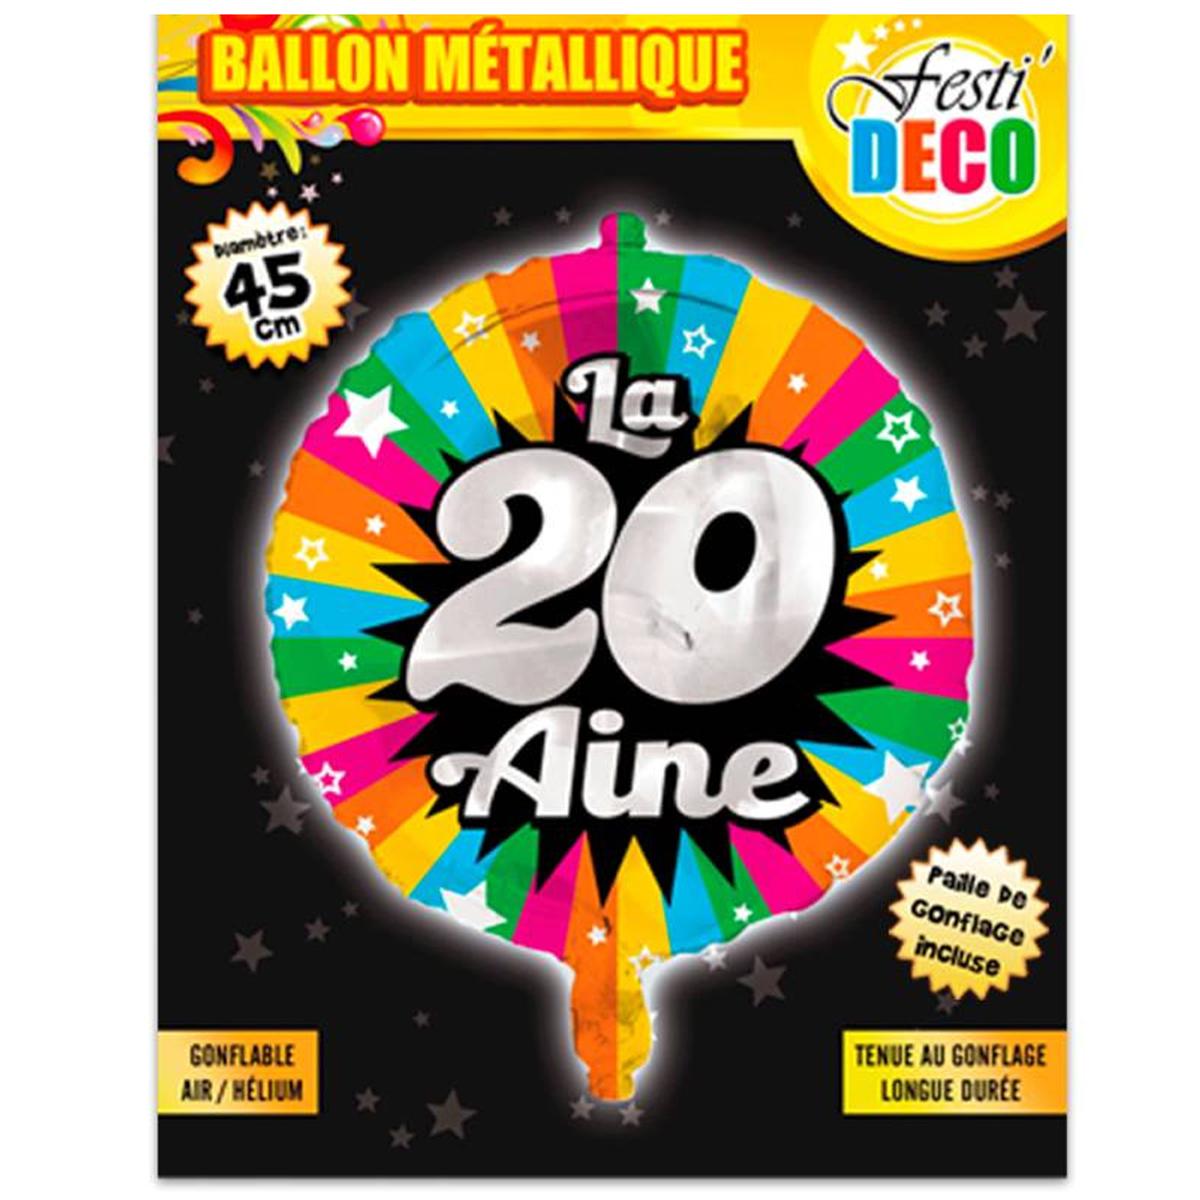 Ballon métallique \'20 ans\' tutti frutti - 45 cm - [P5352]